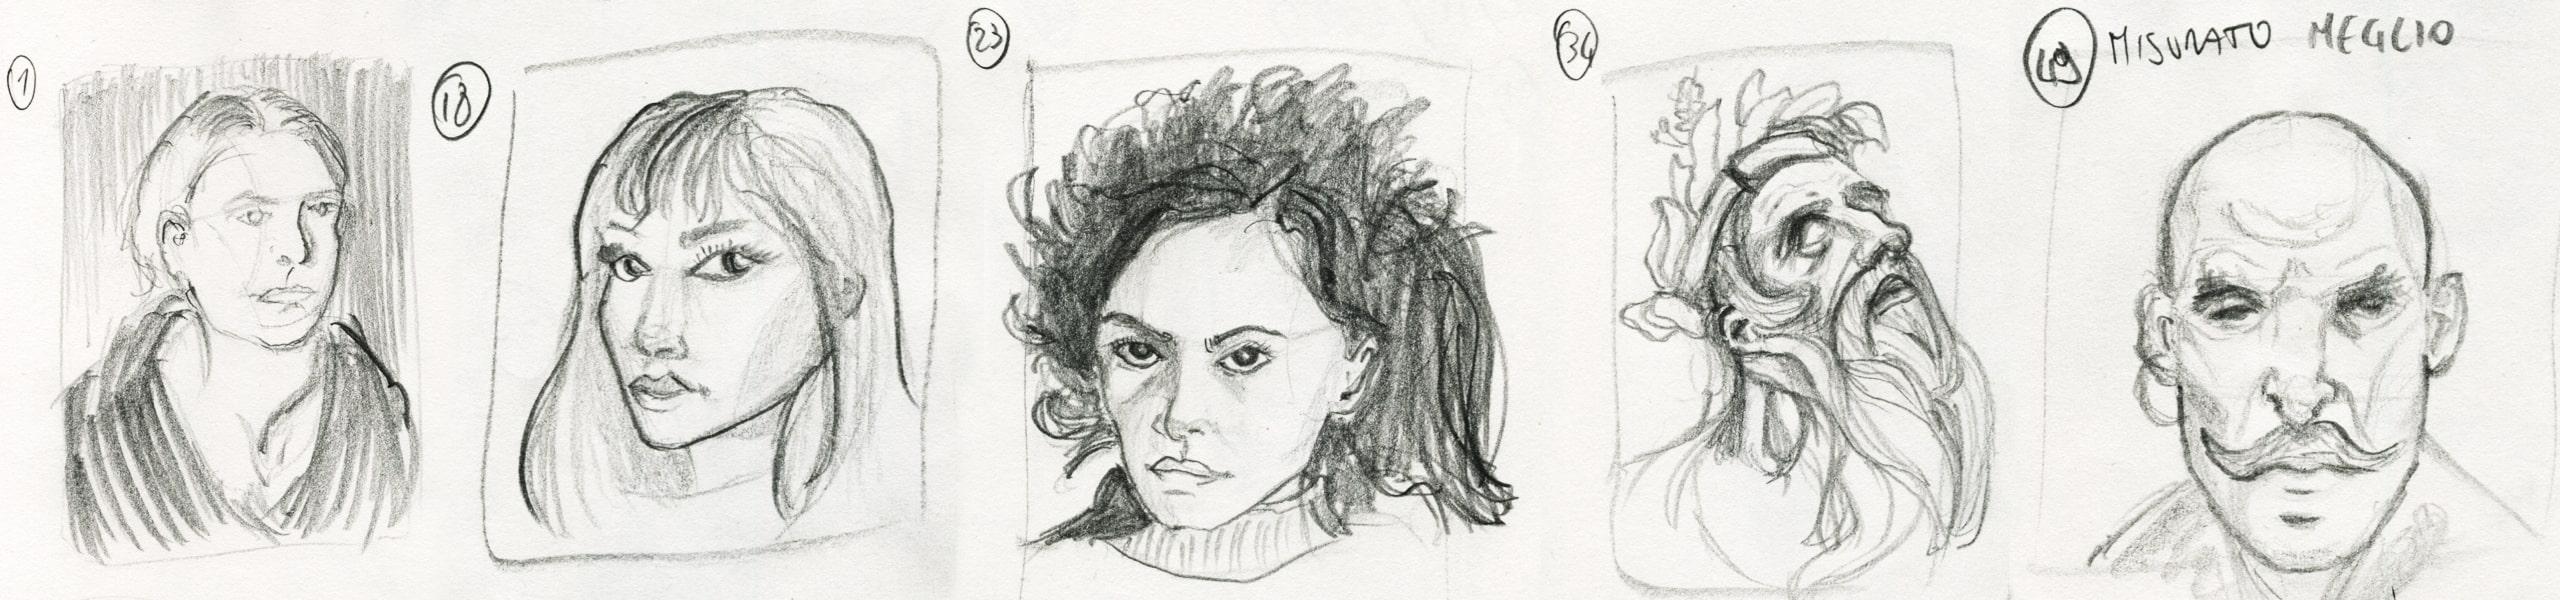 Disegnare 100 ritratti in 10 giorni - Parte 1